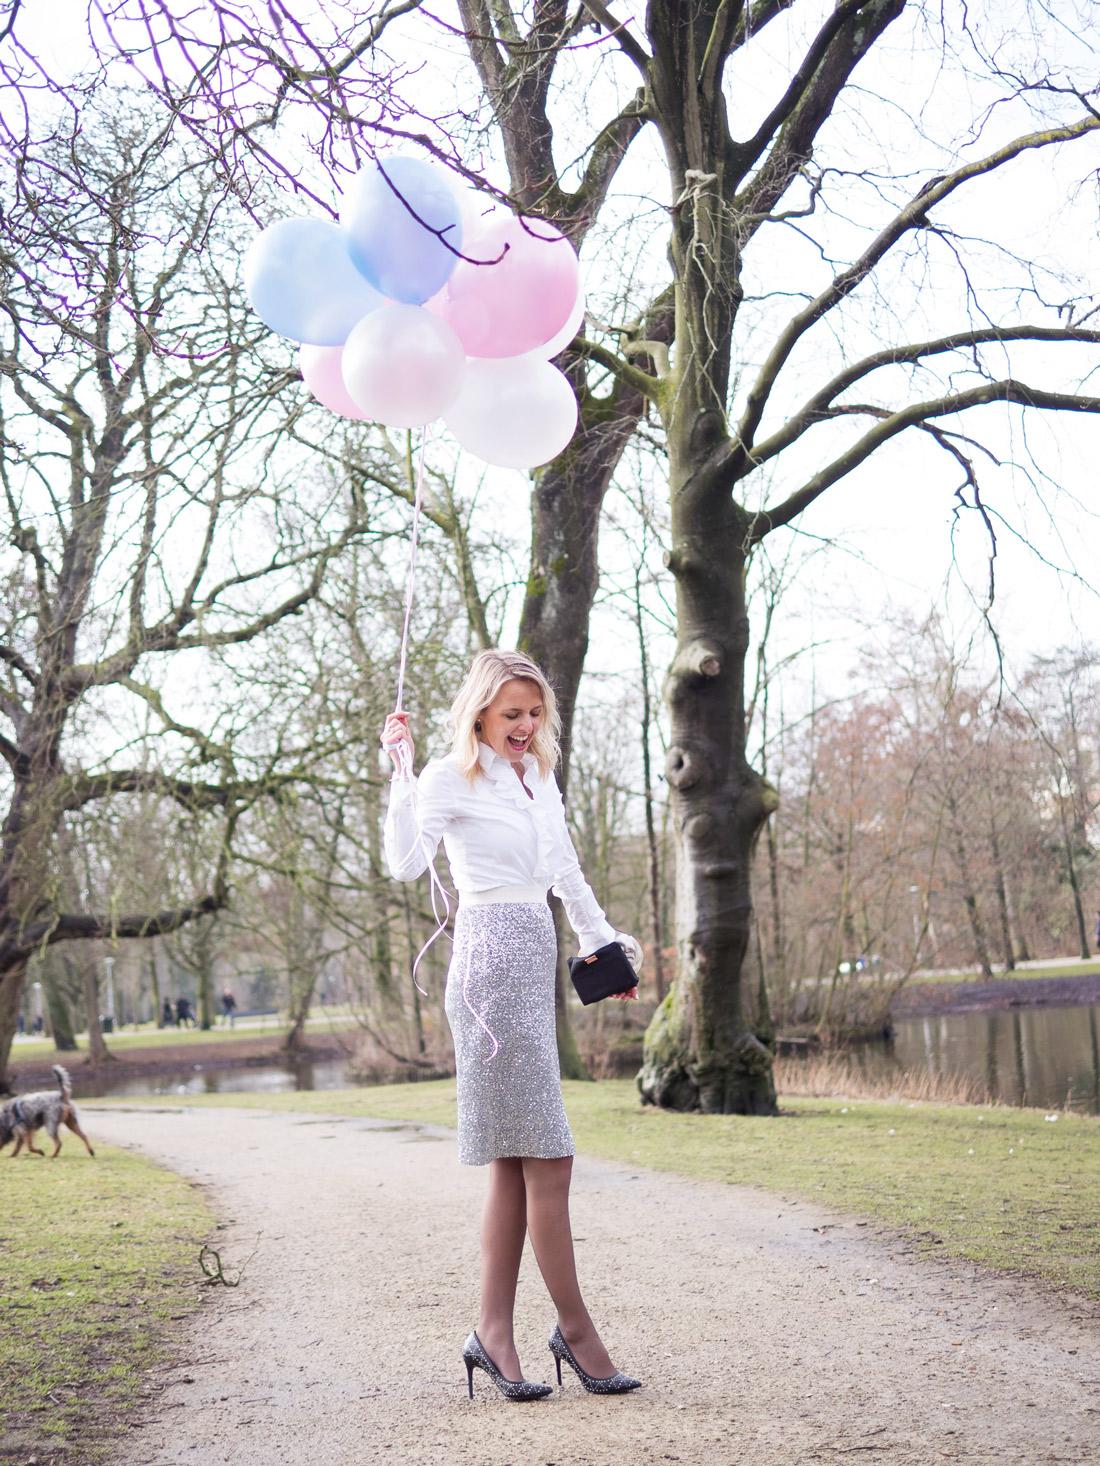 BAG-AT-YOU_Susanne_Bavinck_Bender_Blogger_Mom-Fashion_Amsterdam_By_Marinke_Davelaar